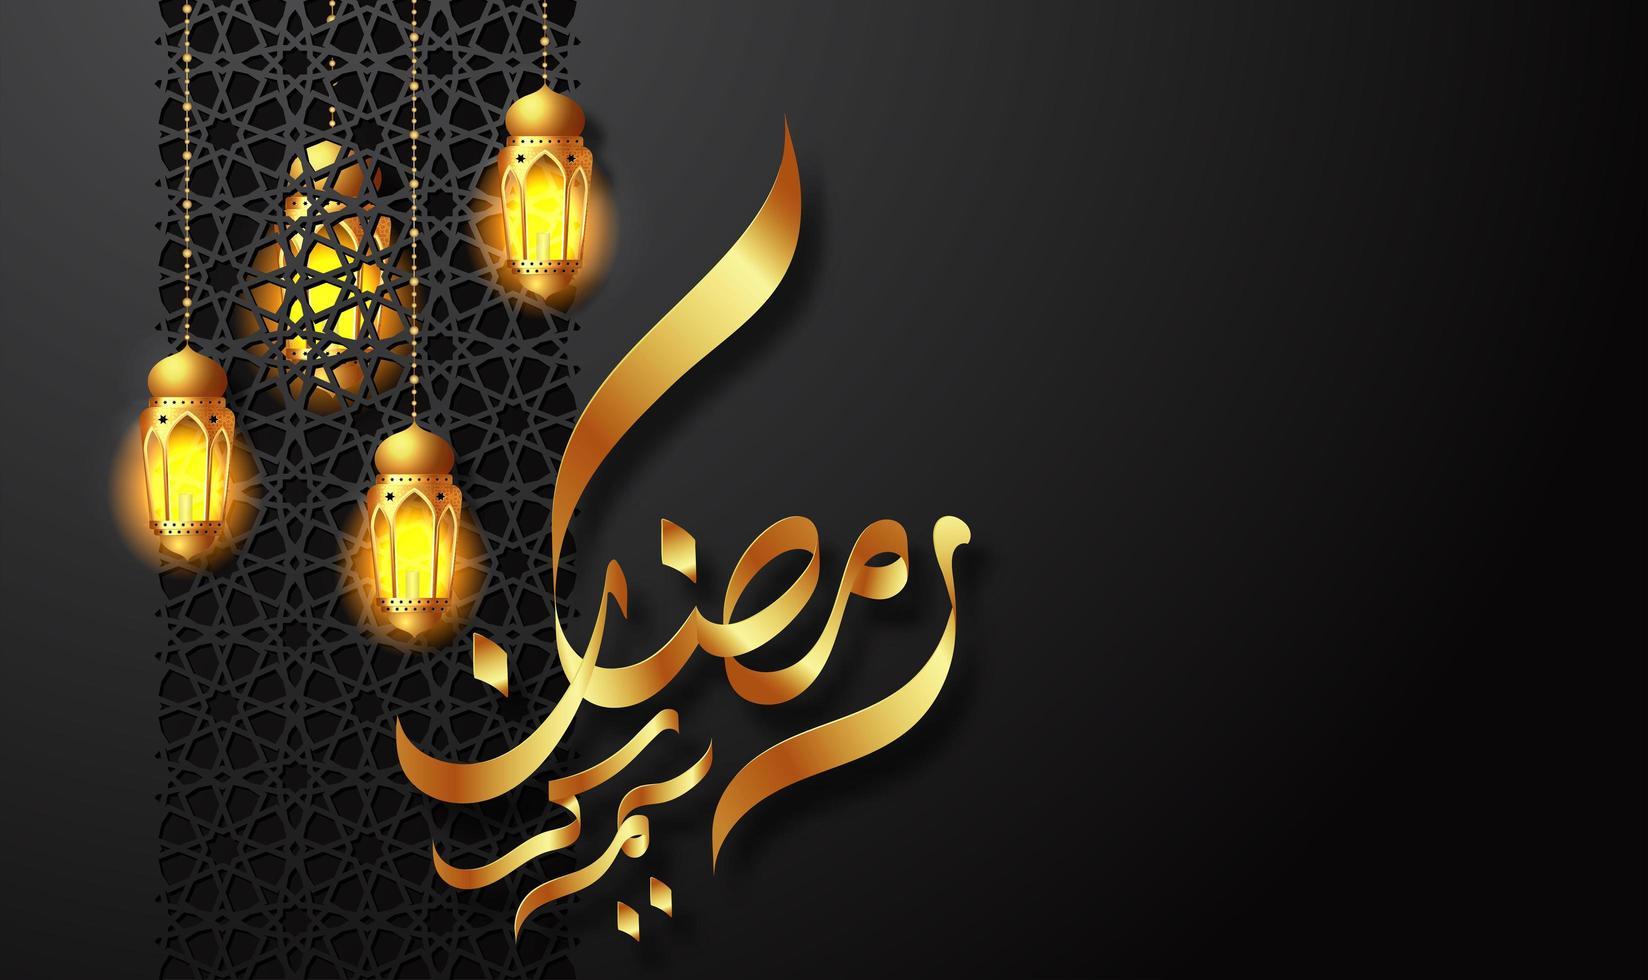 zwart ramadan kareem wenskaart ontwerp vector